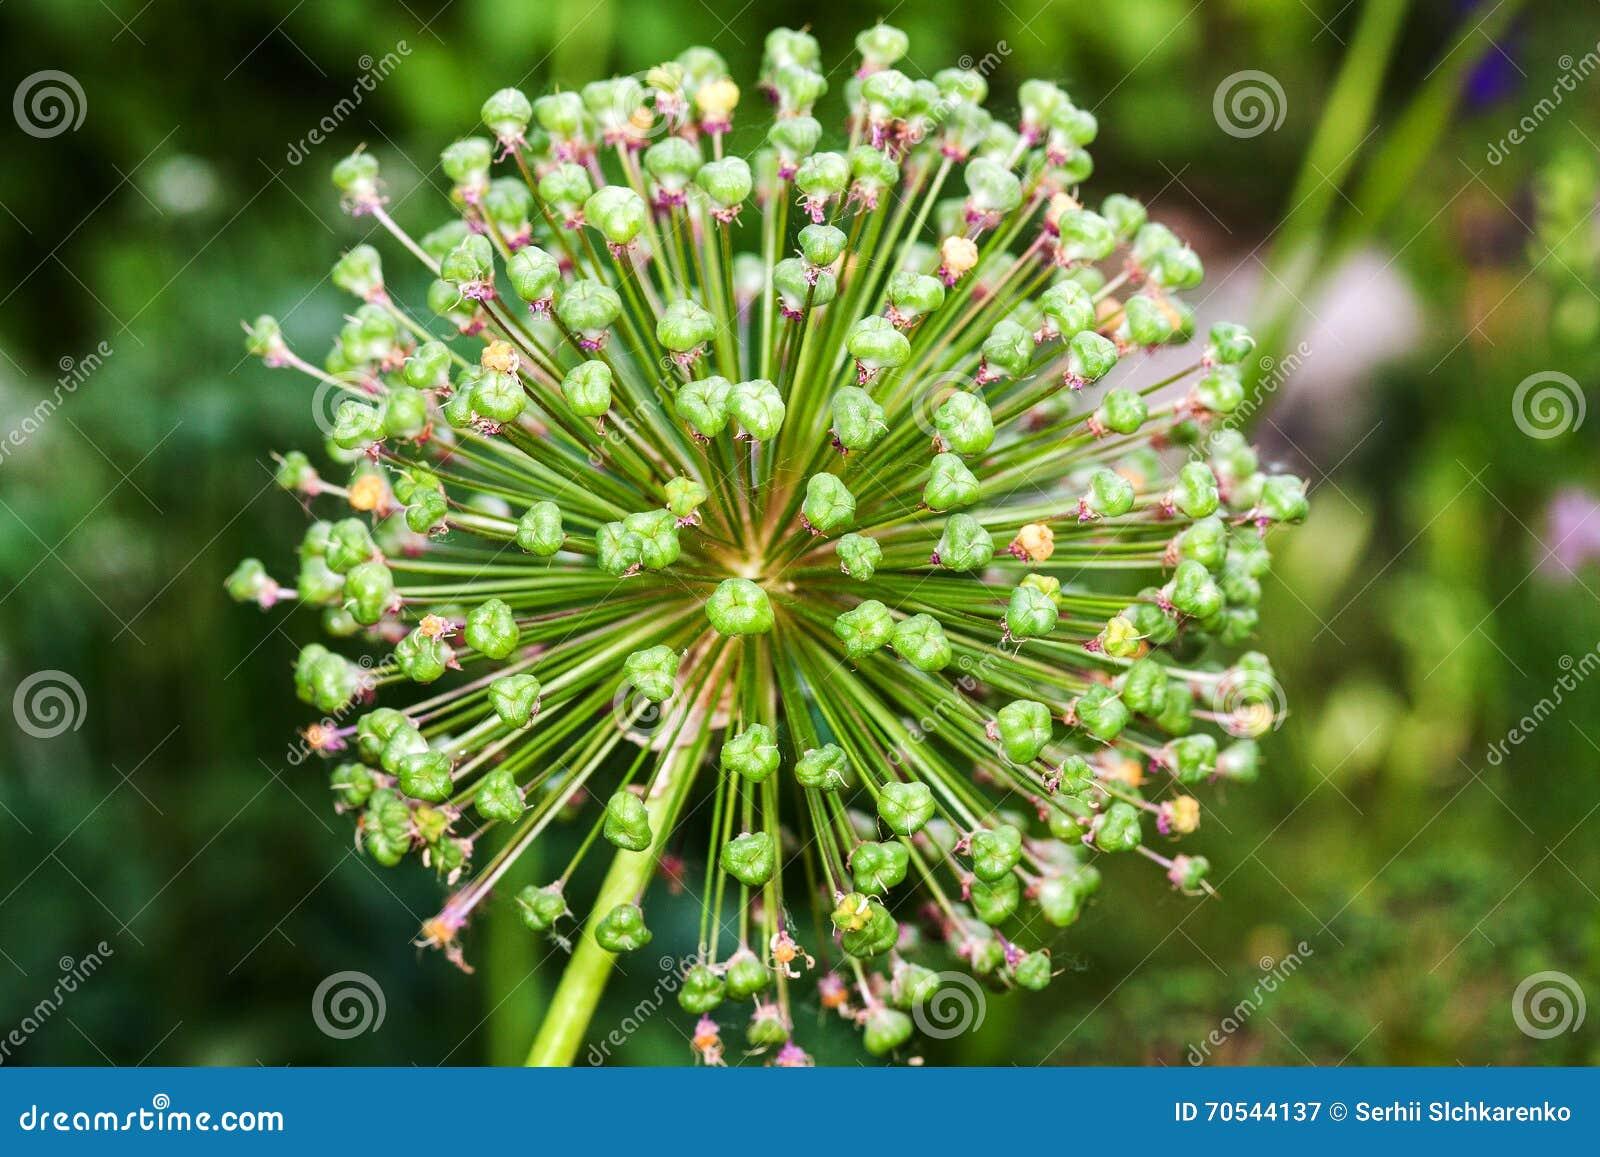 Single Flower Garden : Single white garden flower stock image cartoondealer